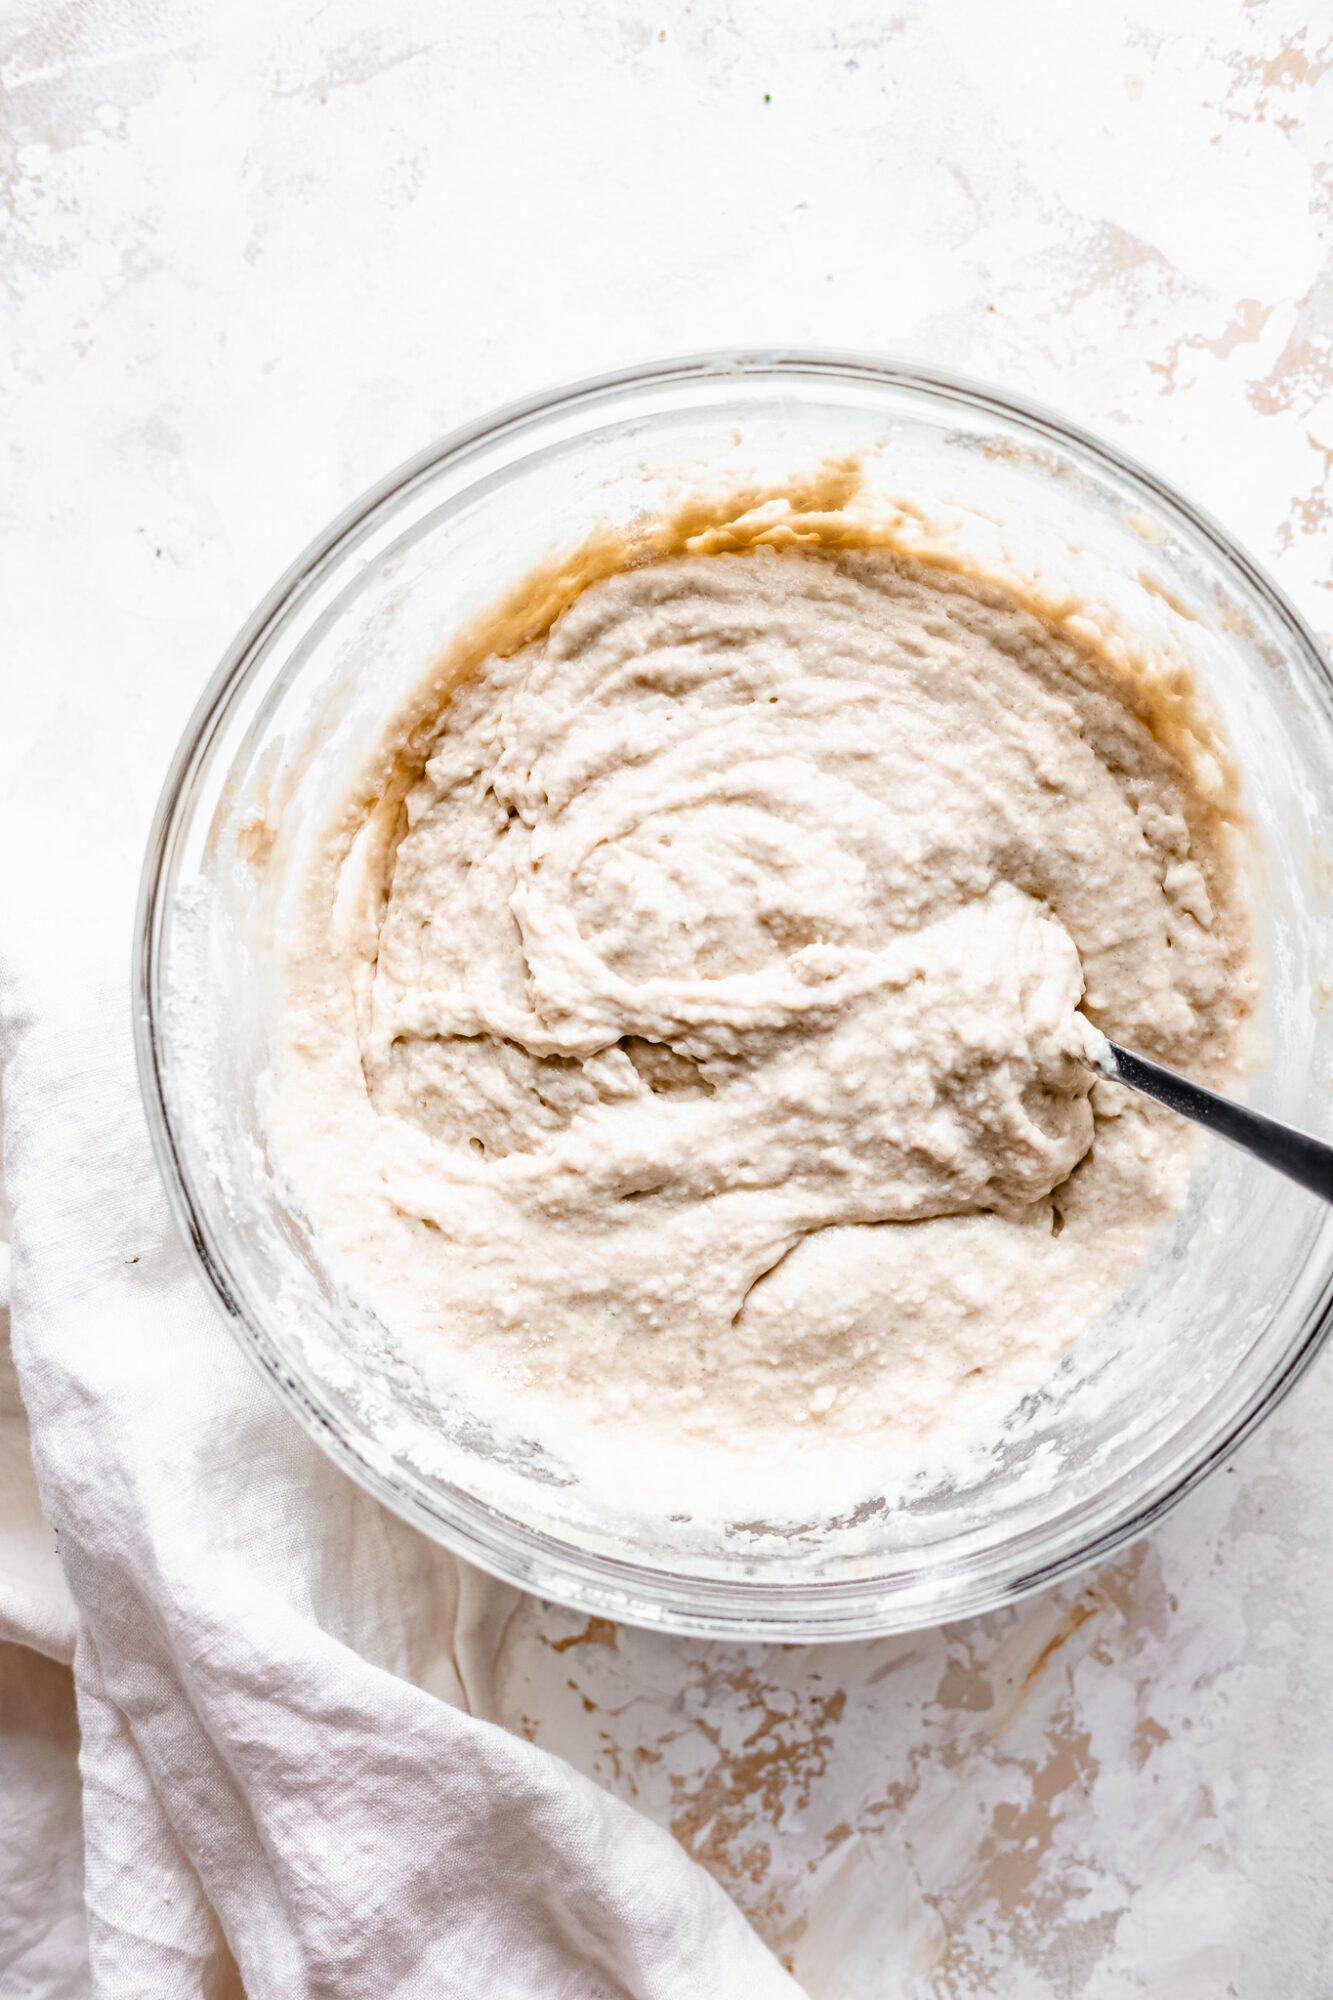 vegan cupcake batter